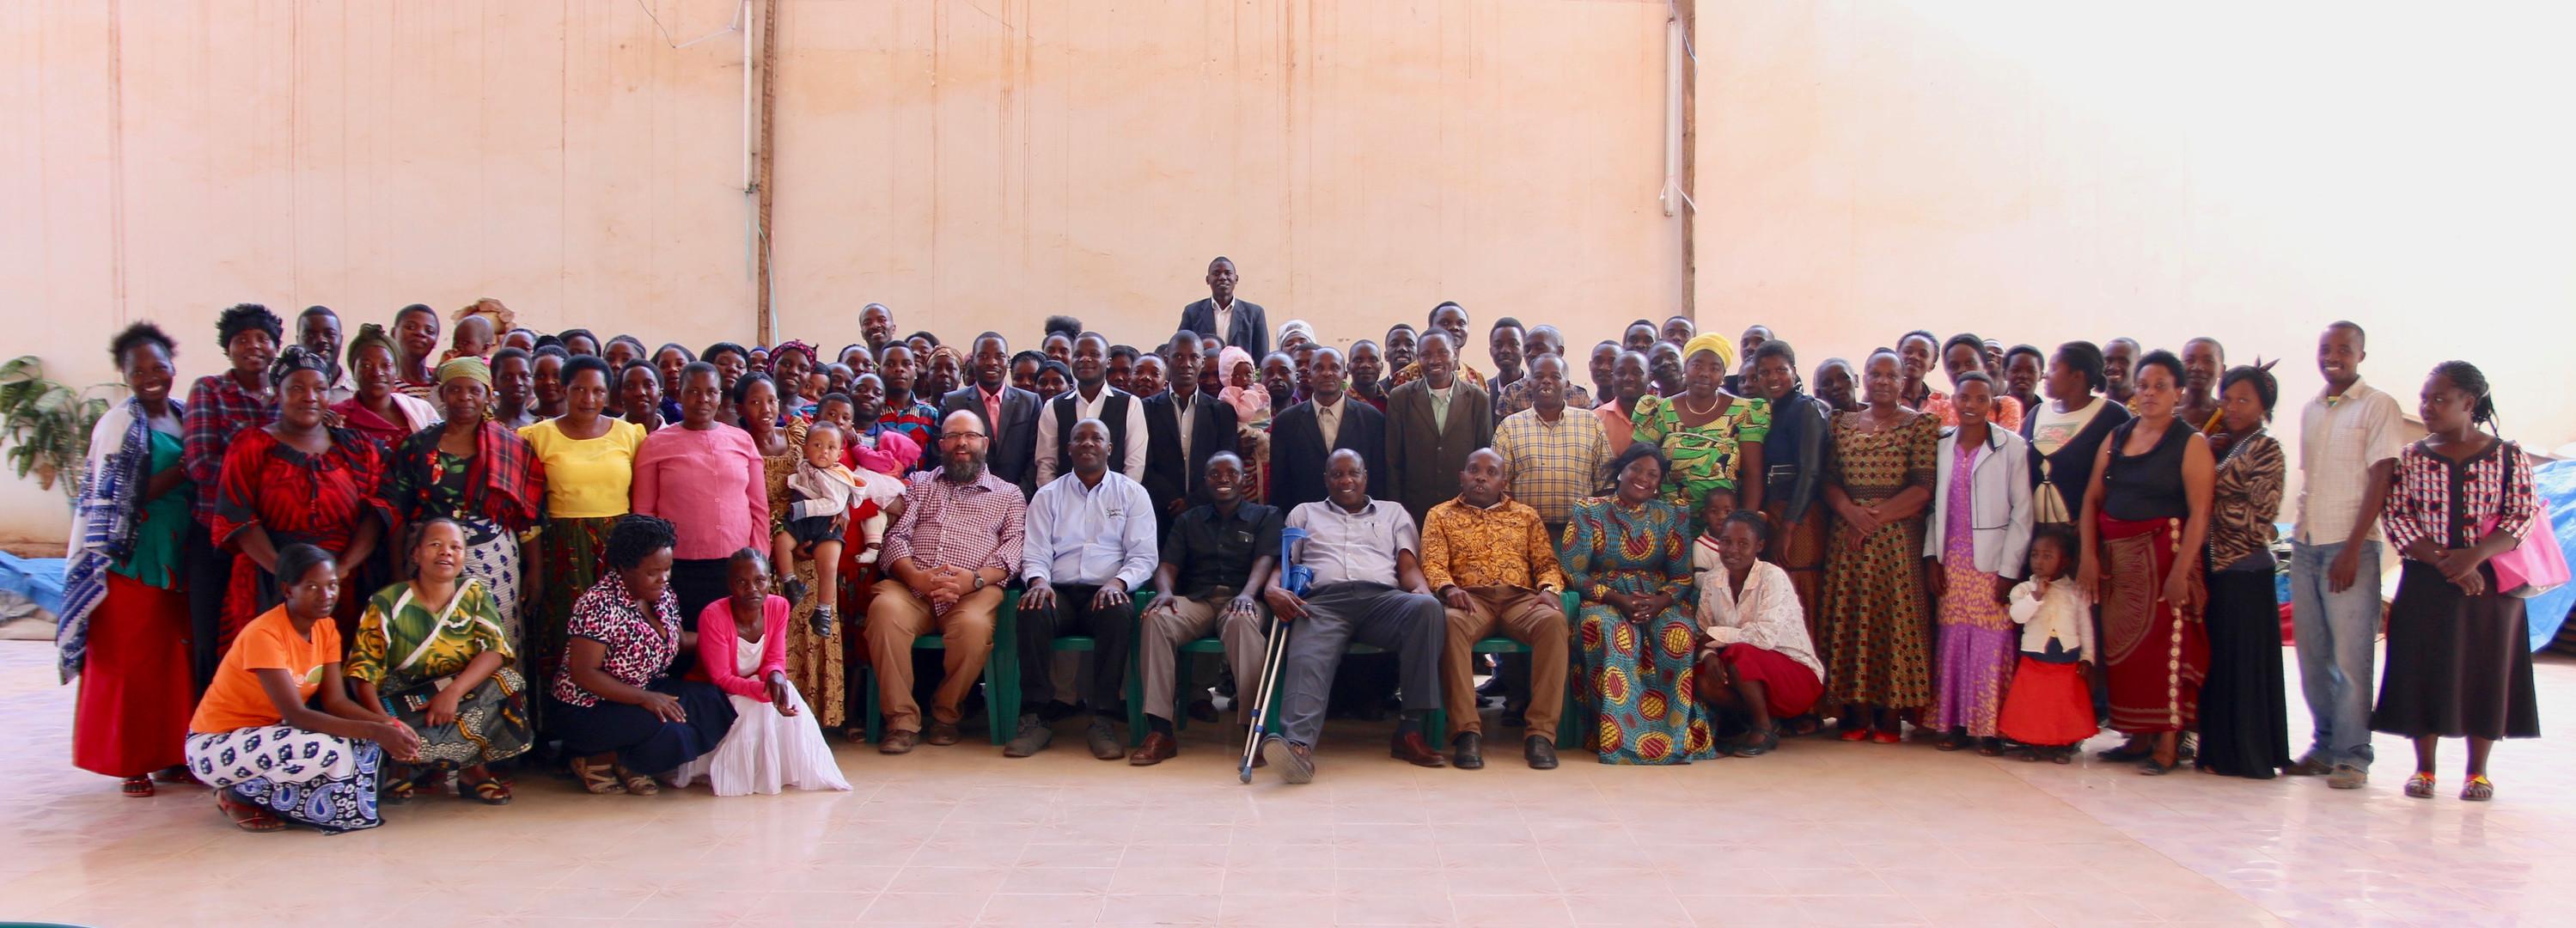 Multiplication work in Iringa, Tanzania